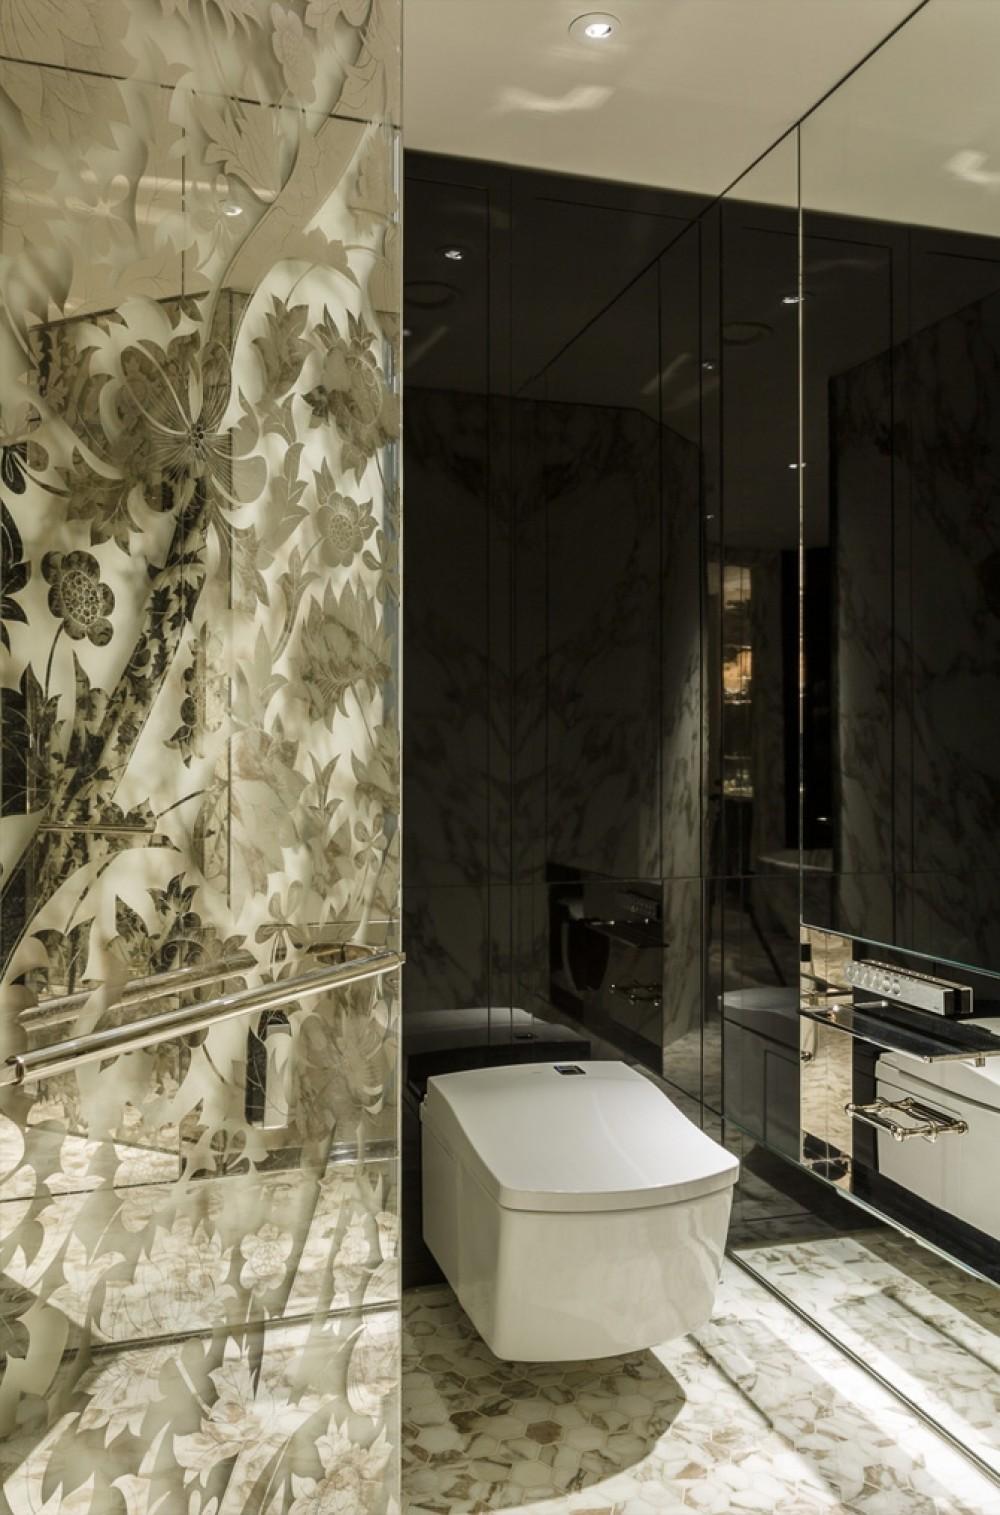 toto neorest washlet japanese luxury